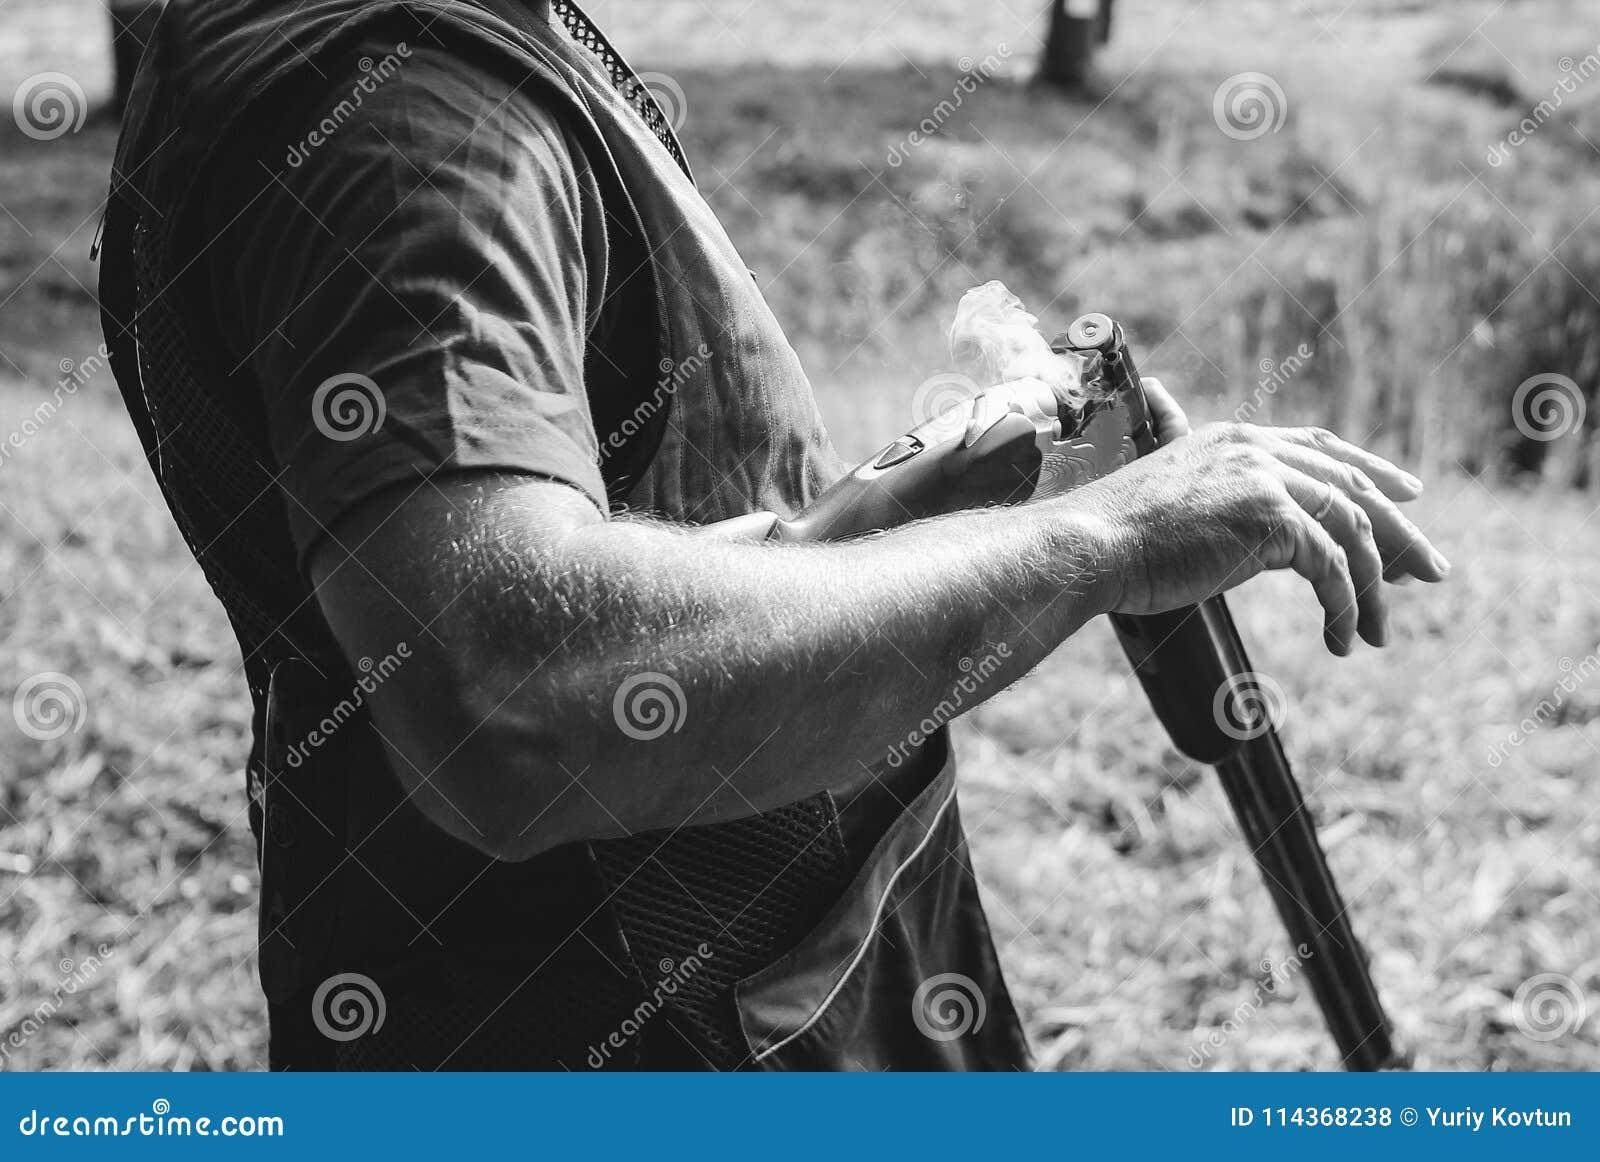 Myśliwy zmian nabojowa flinta po kopia strzału dymu